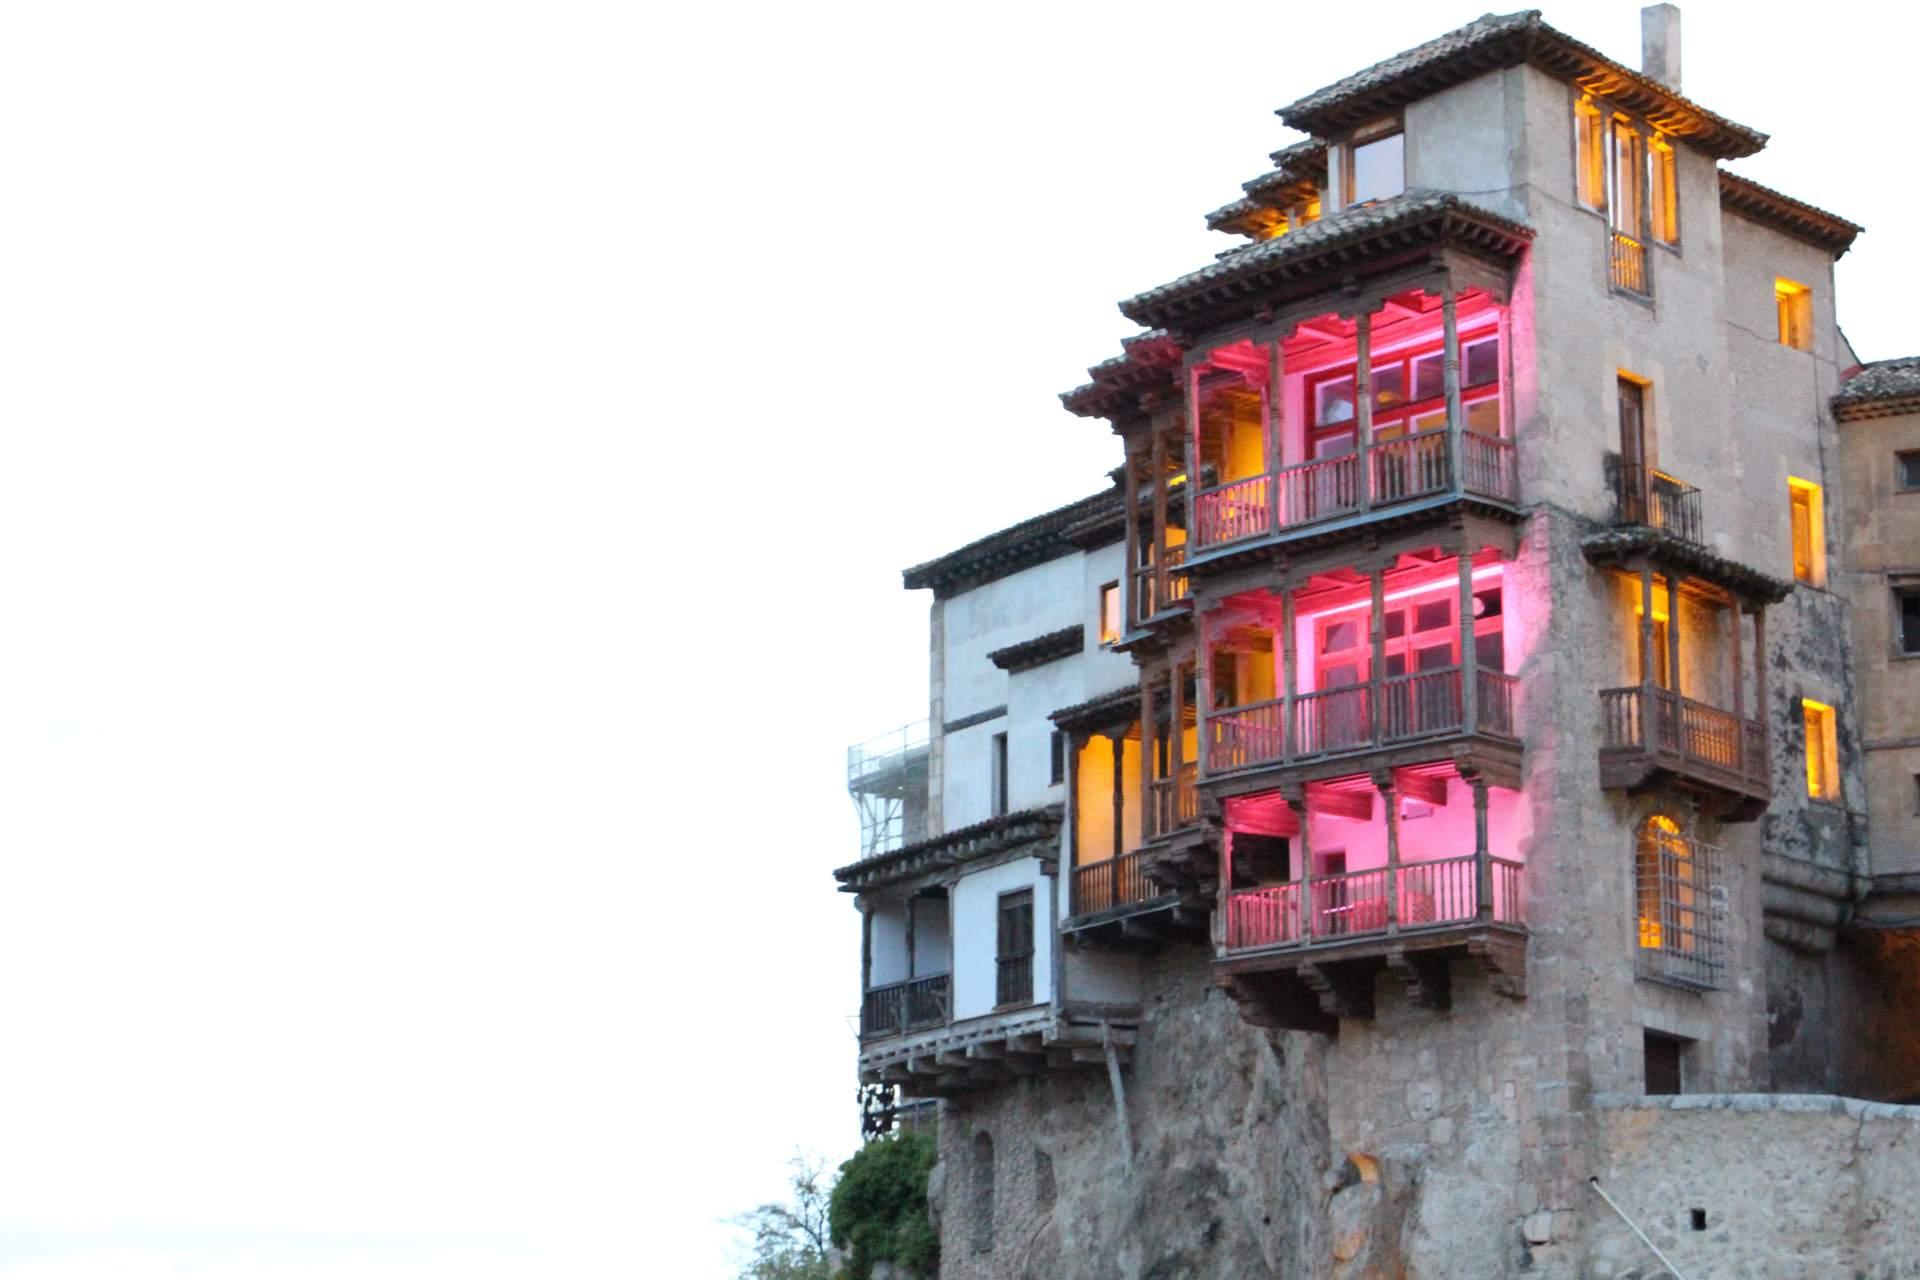 Casas Colgadas in Cuenca